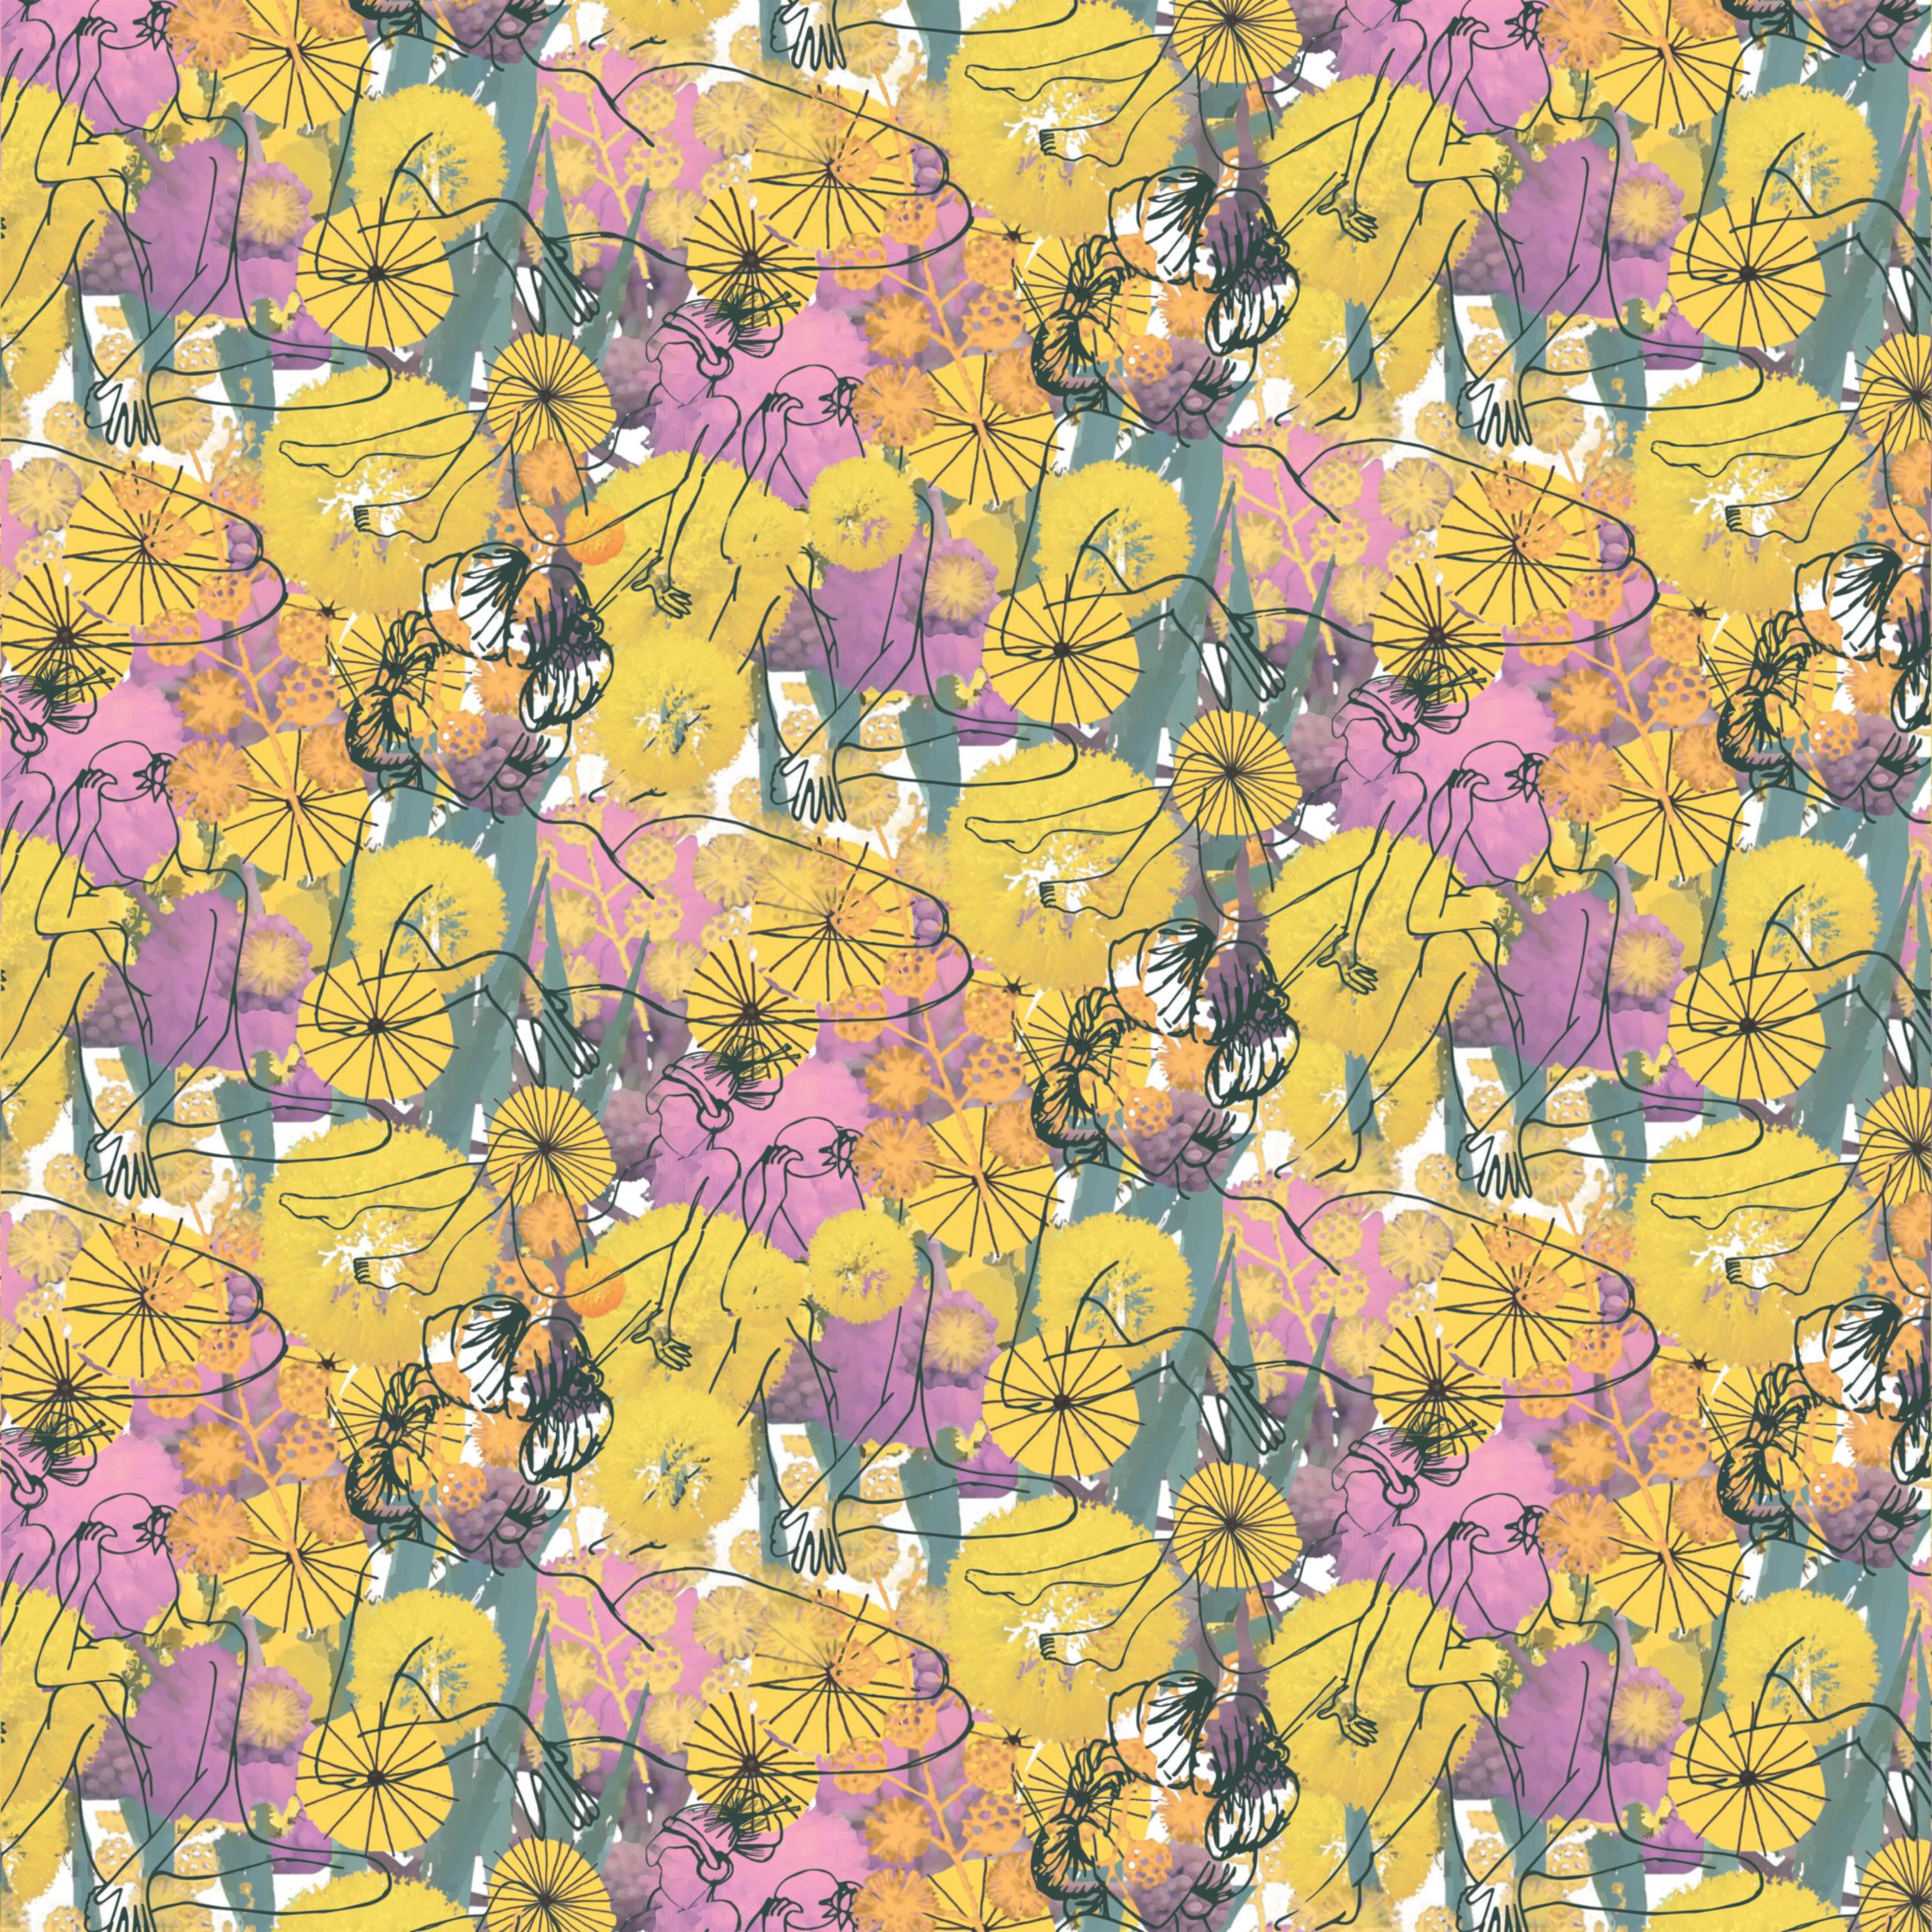 Shady Ladies | digitally editing background with hand drawn motifs